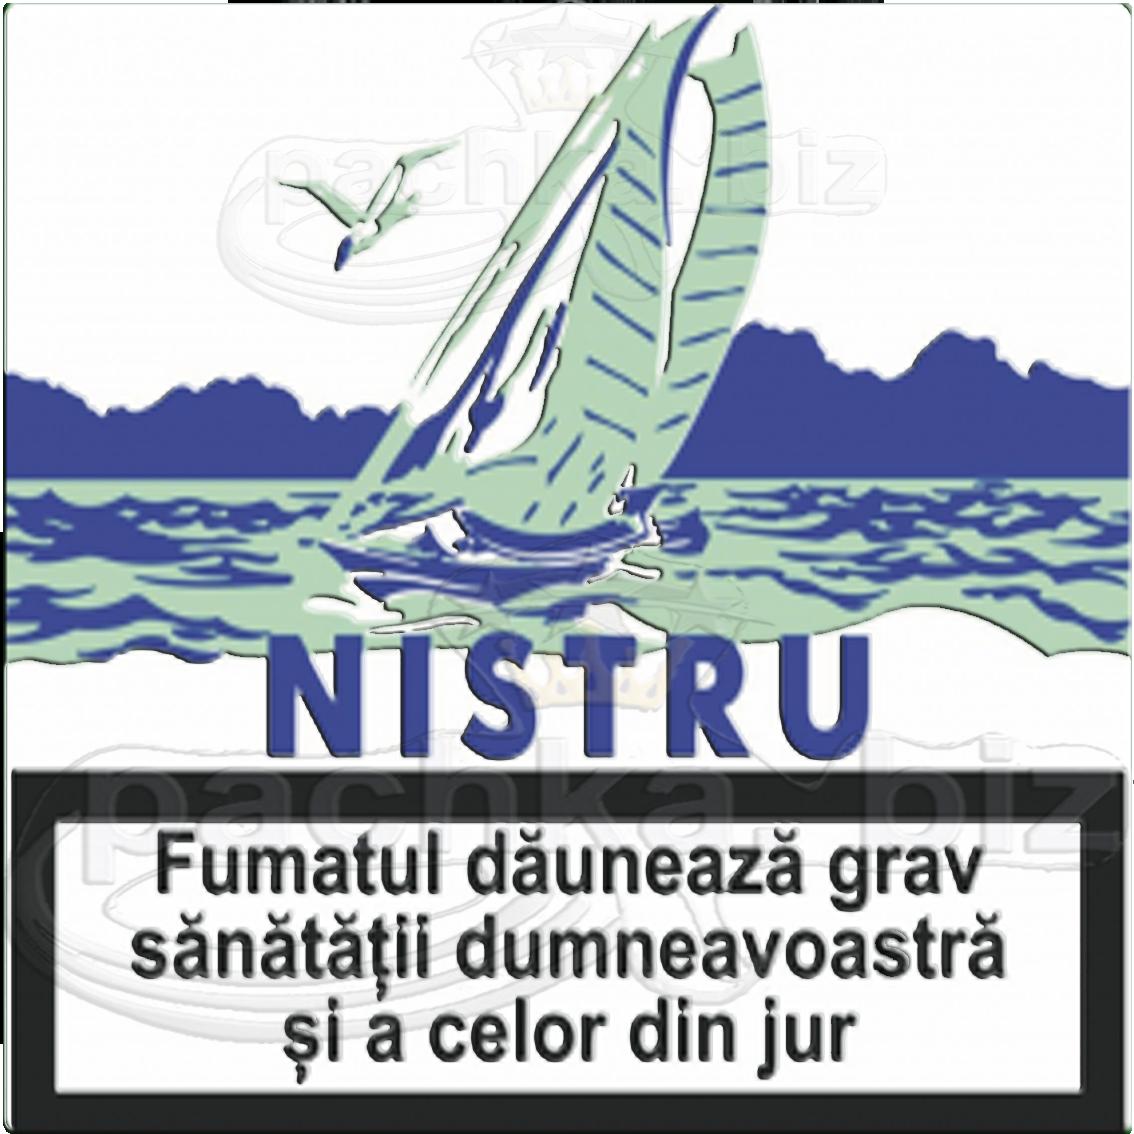 Сигареты Nistru оптом в Украине